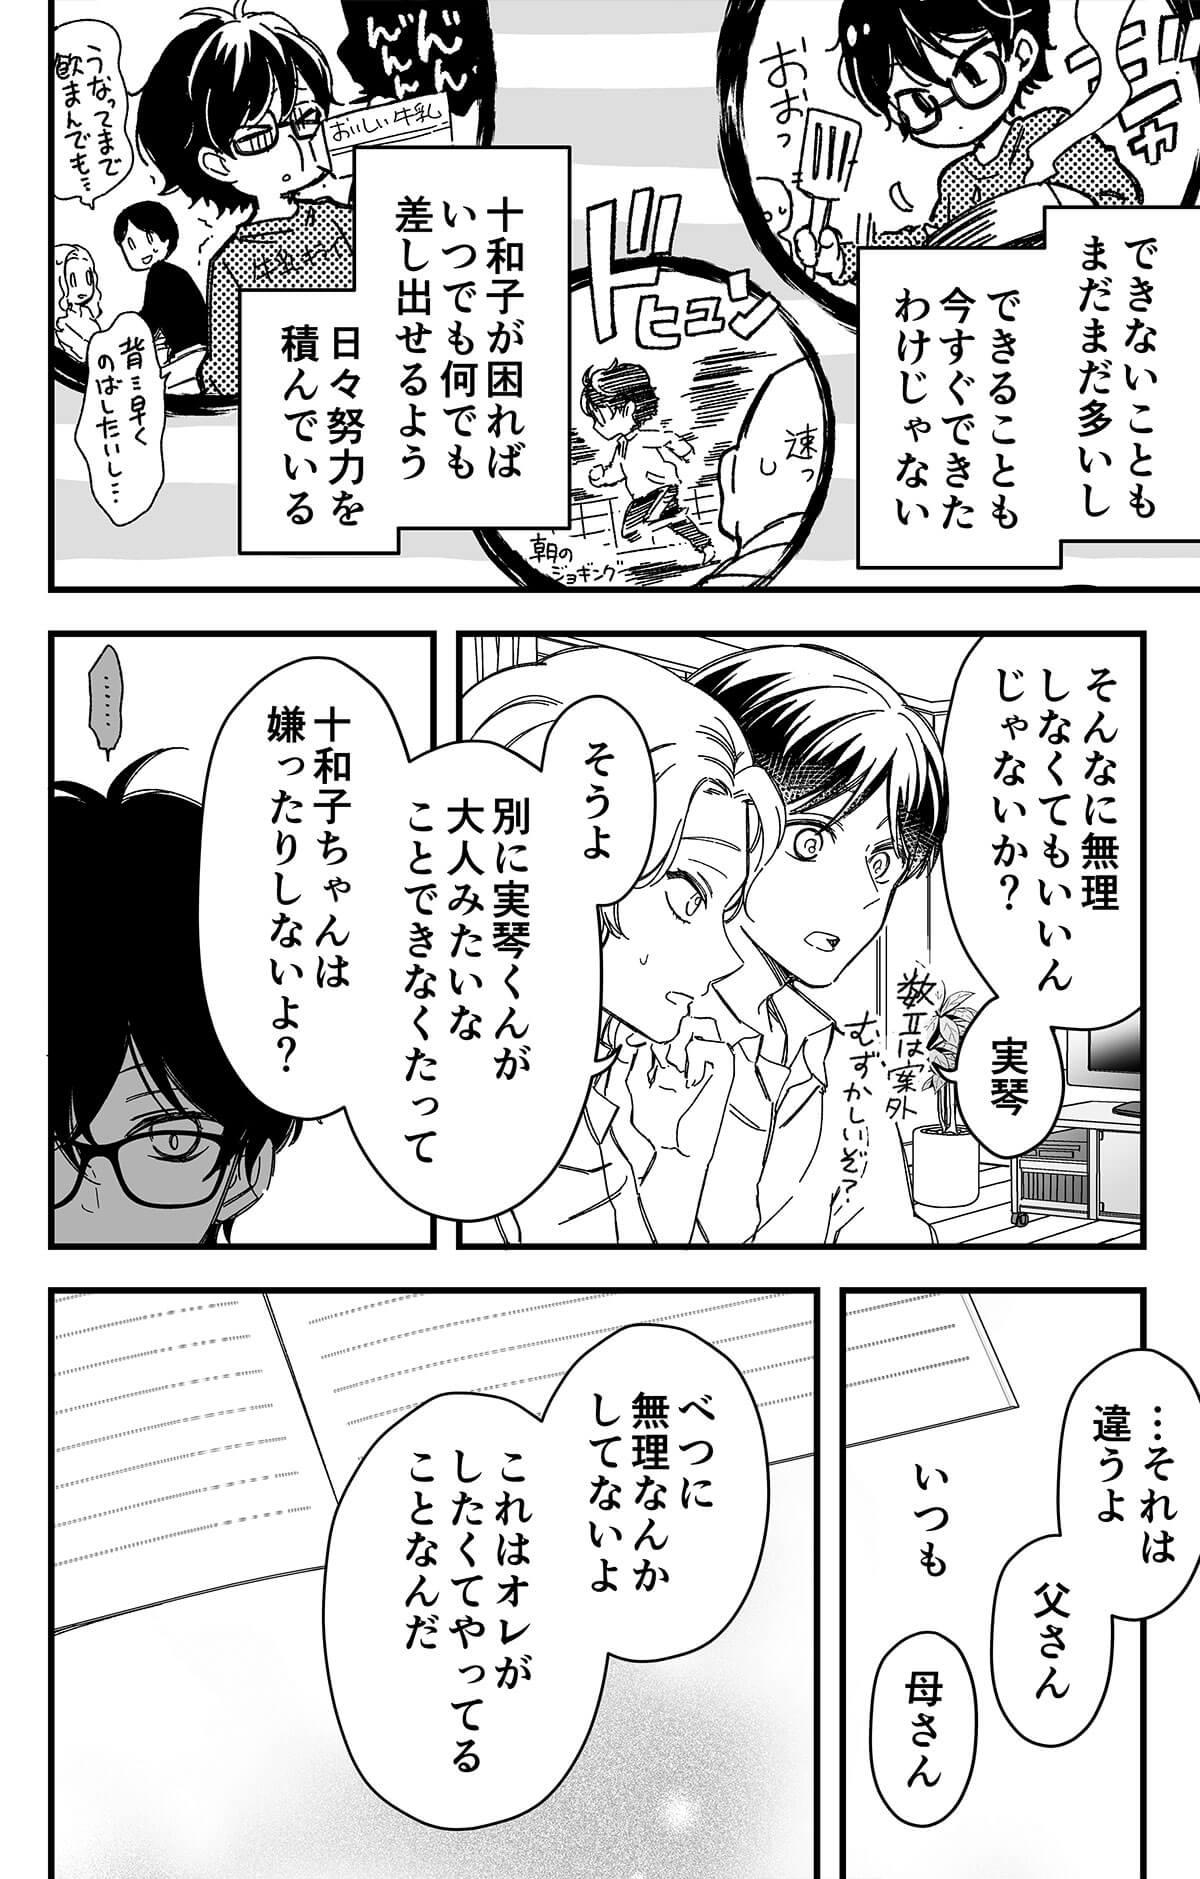 トナリのイケショタくん3-2